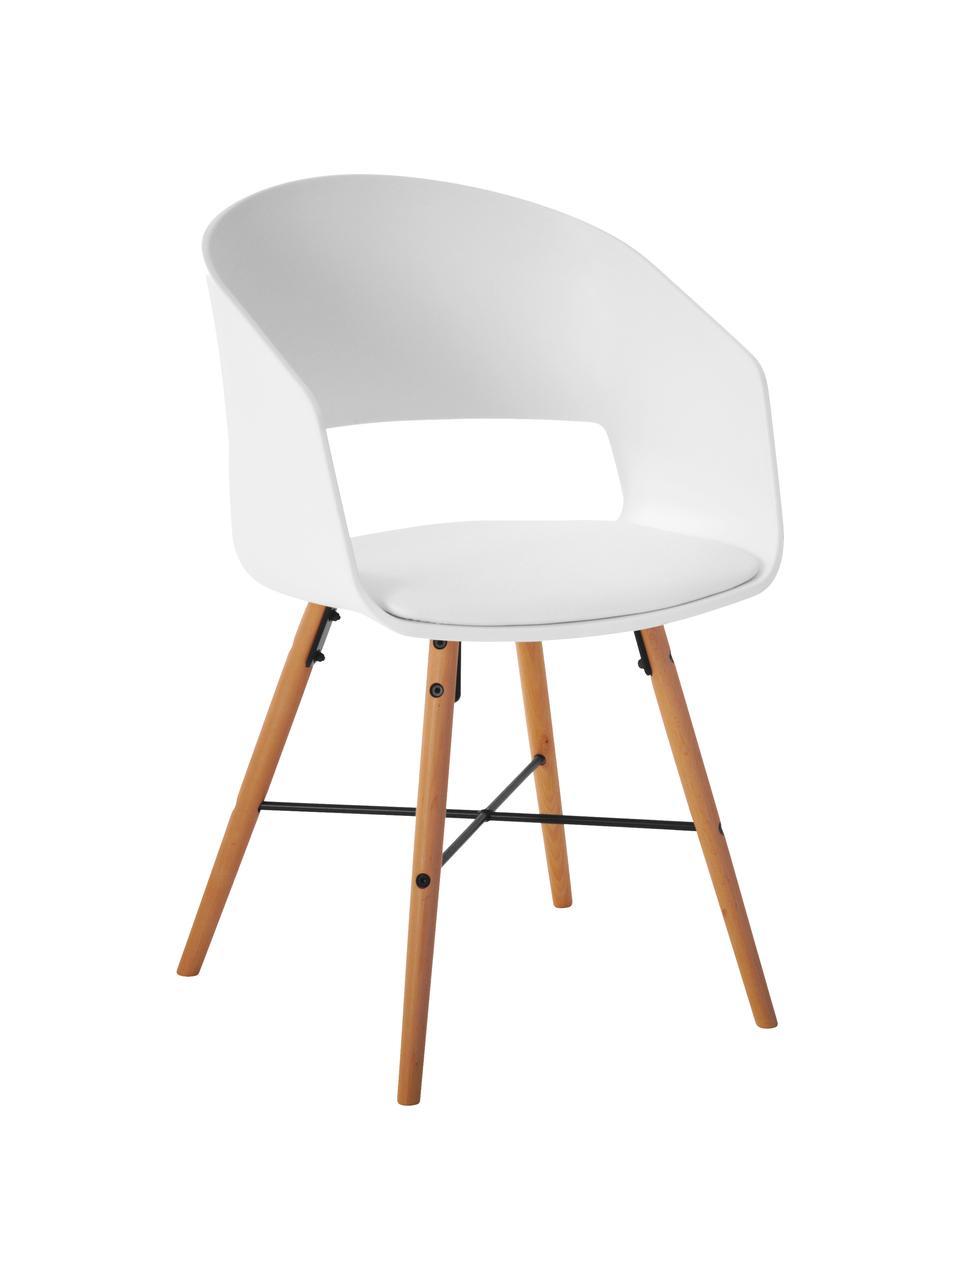 Chaises à accoudoirs style scandinave Luna, 2pièces, Assise: blanc Pieds: bois de hêtre, brillant